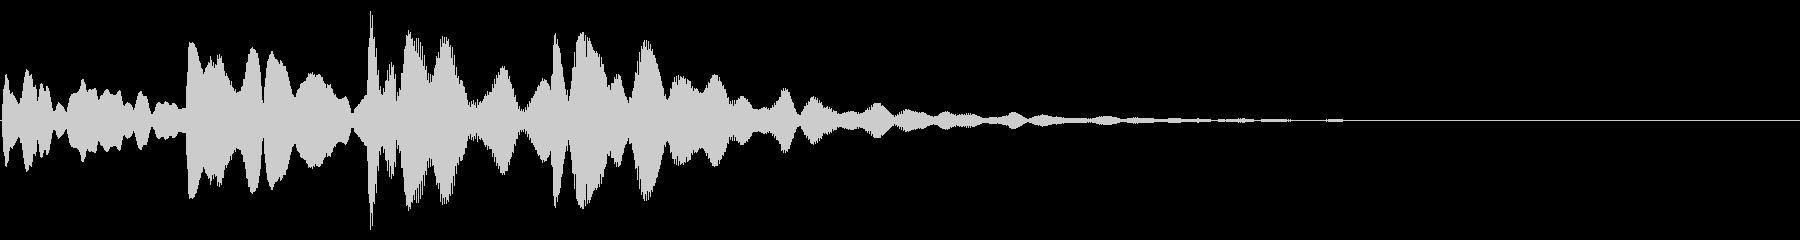 ピンポンパンポン03-4の未再生の波形